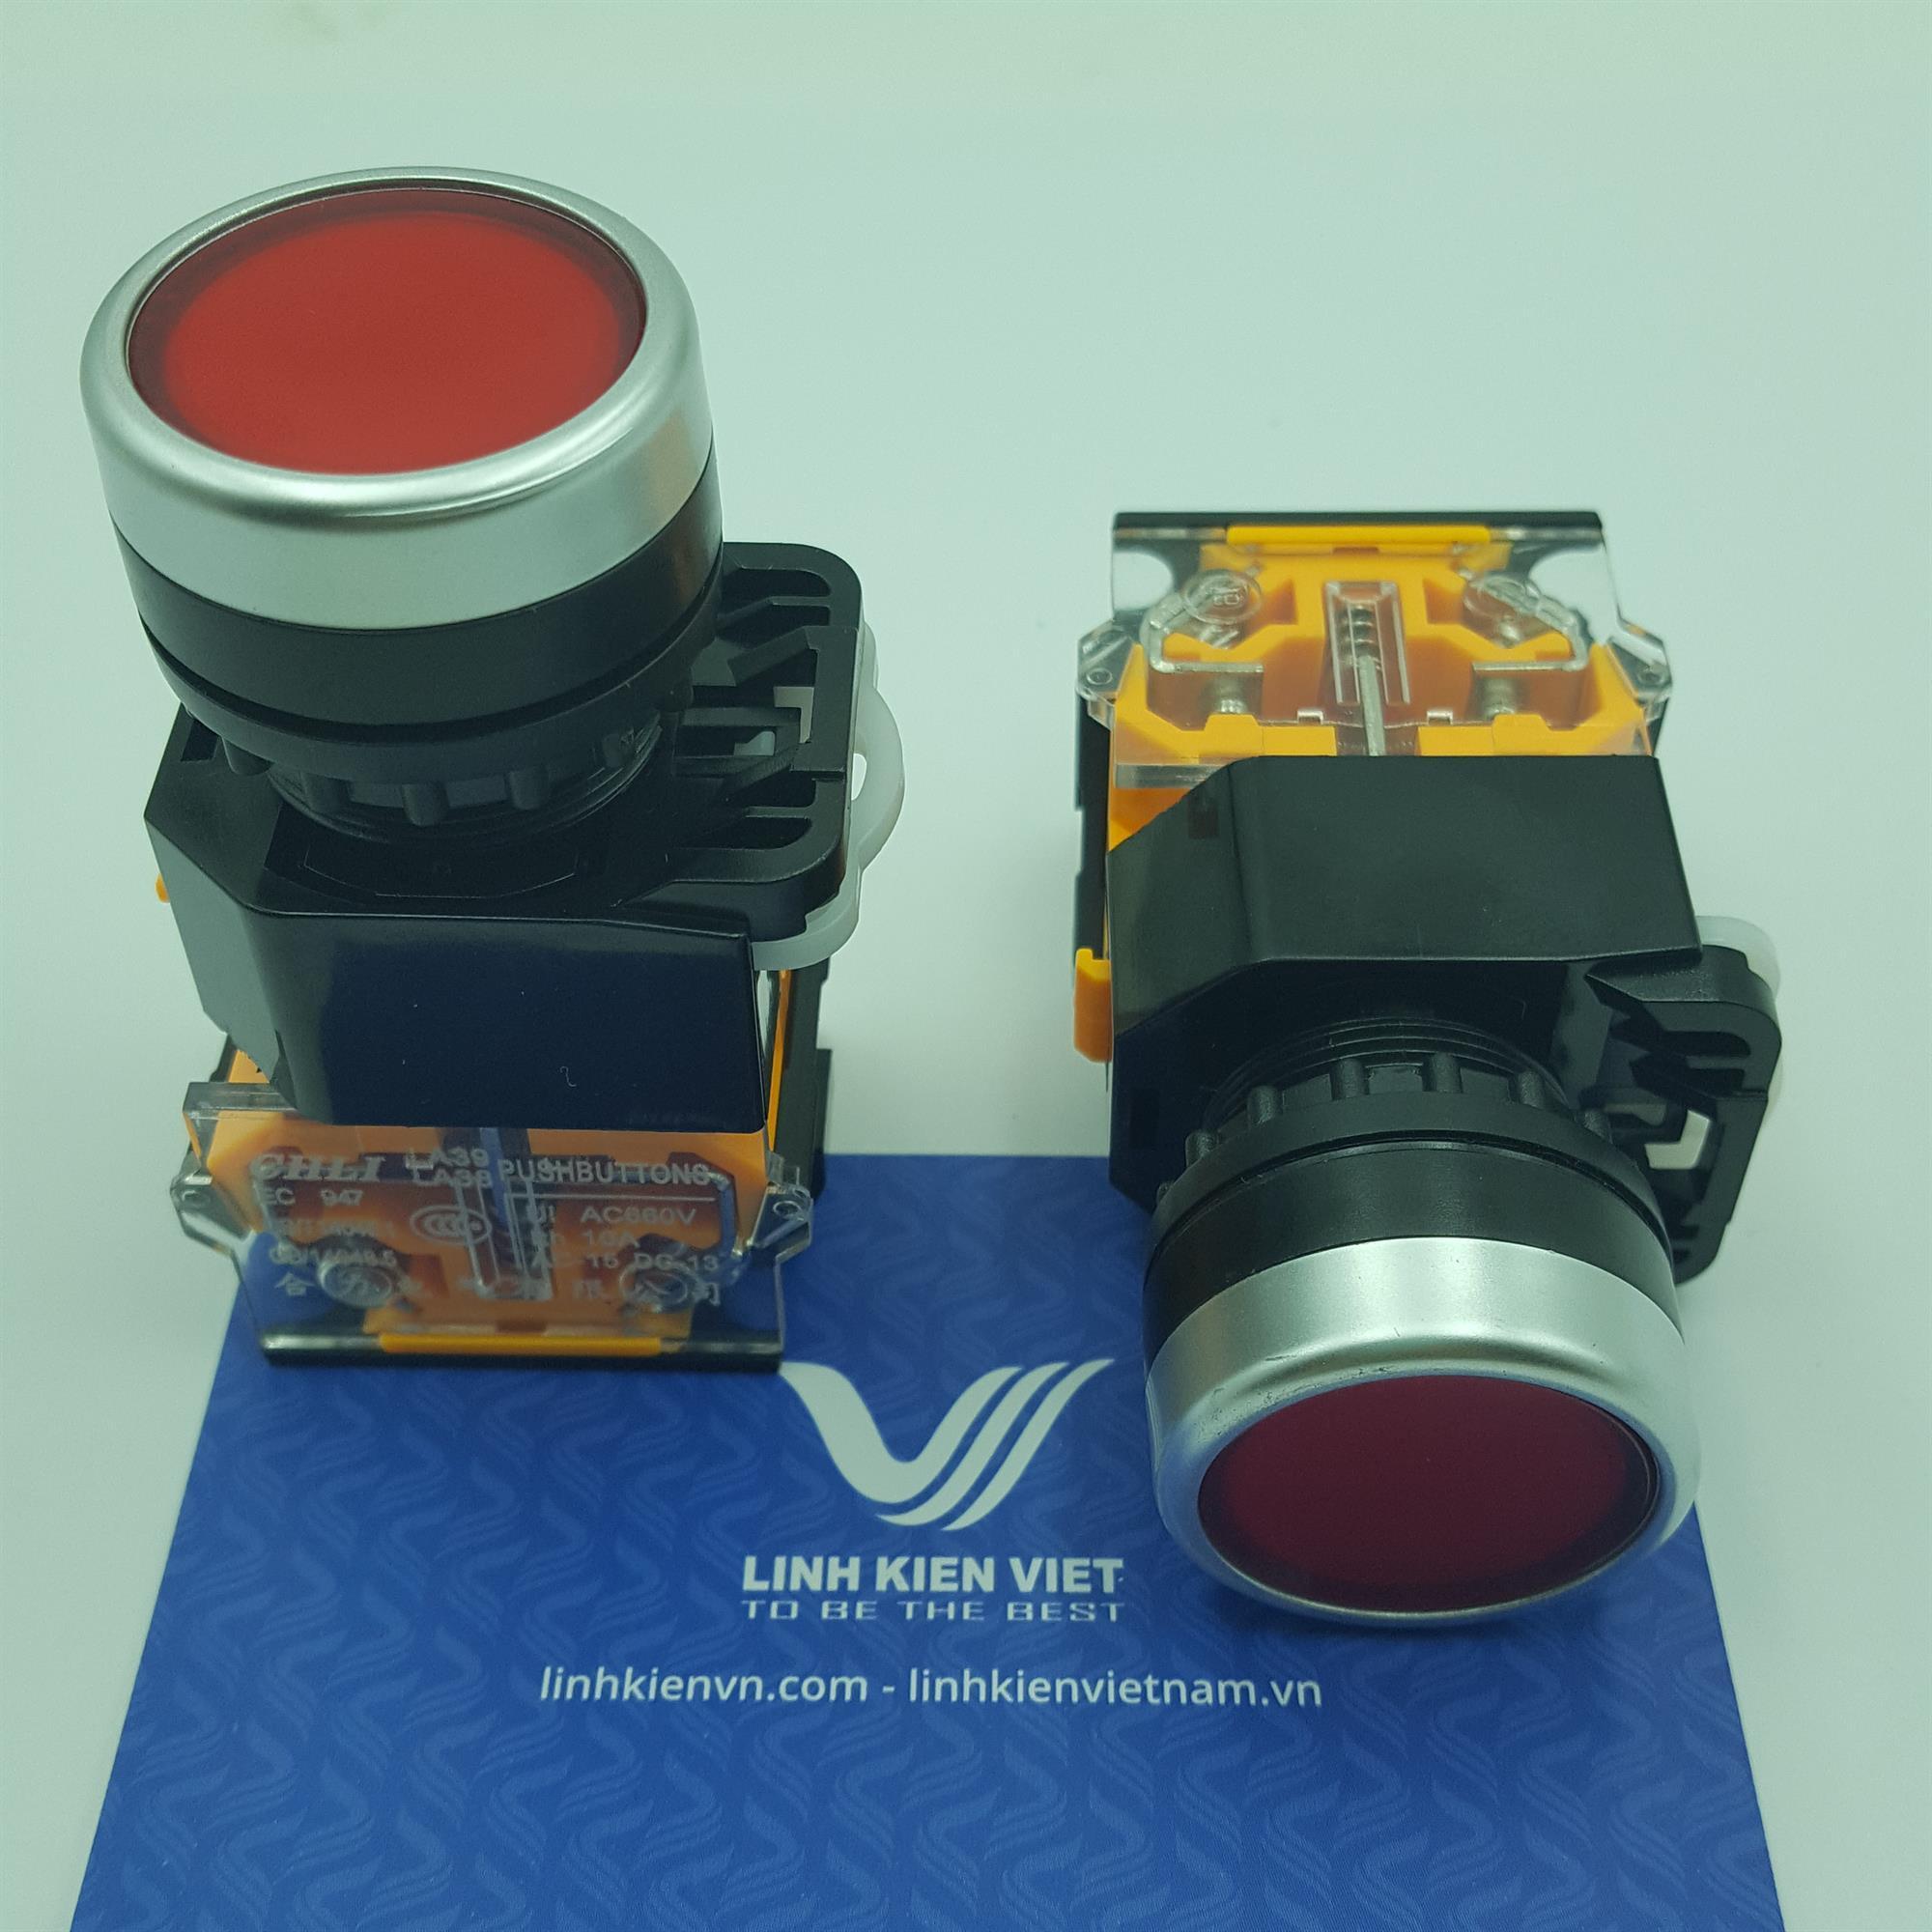 Nút nhấn LA38-11 22mm màu đỏ - J5H13